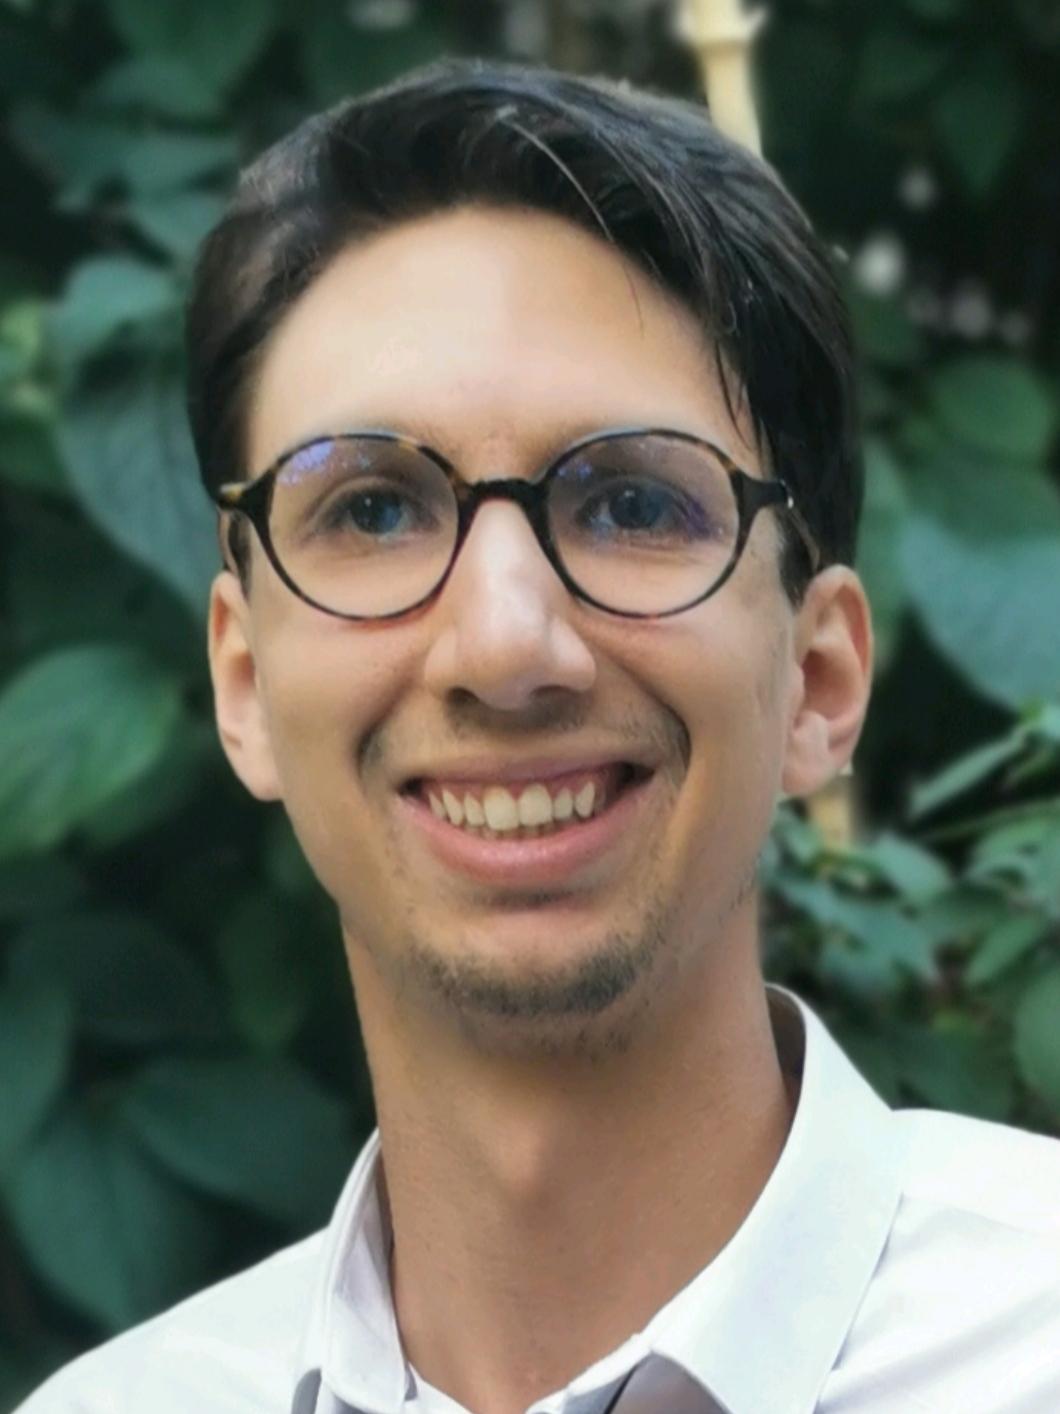 Quentin-François  Boissier, chiropracteur diplômé (DC) à enghien-les-bains